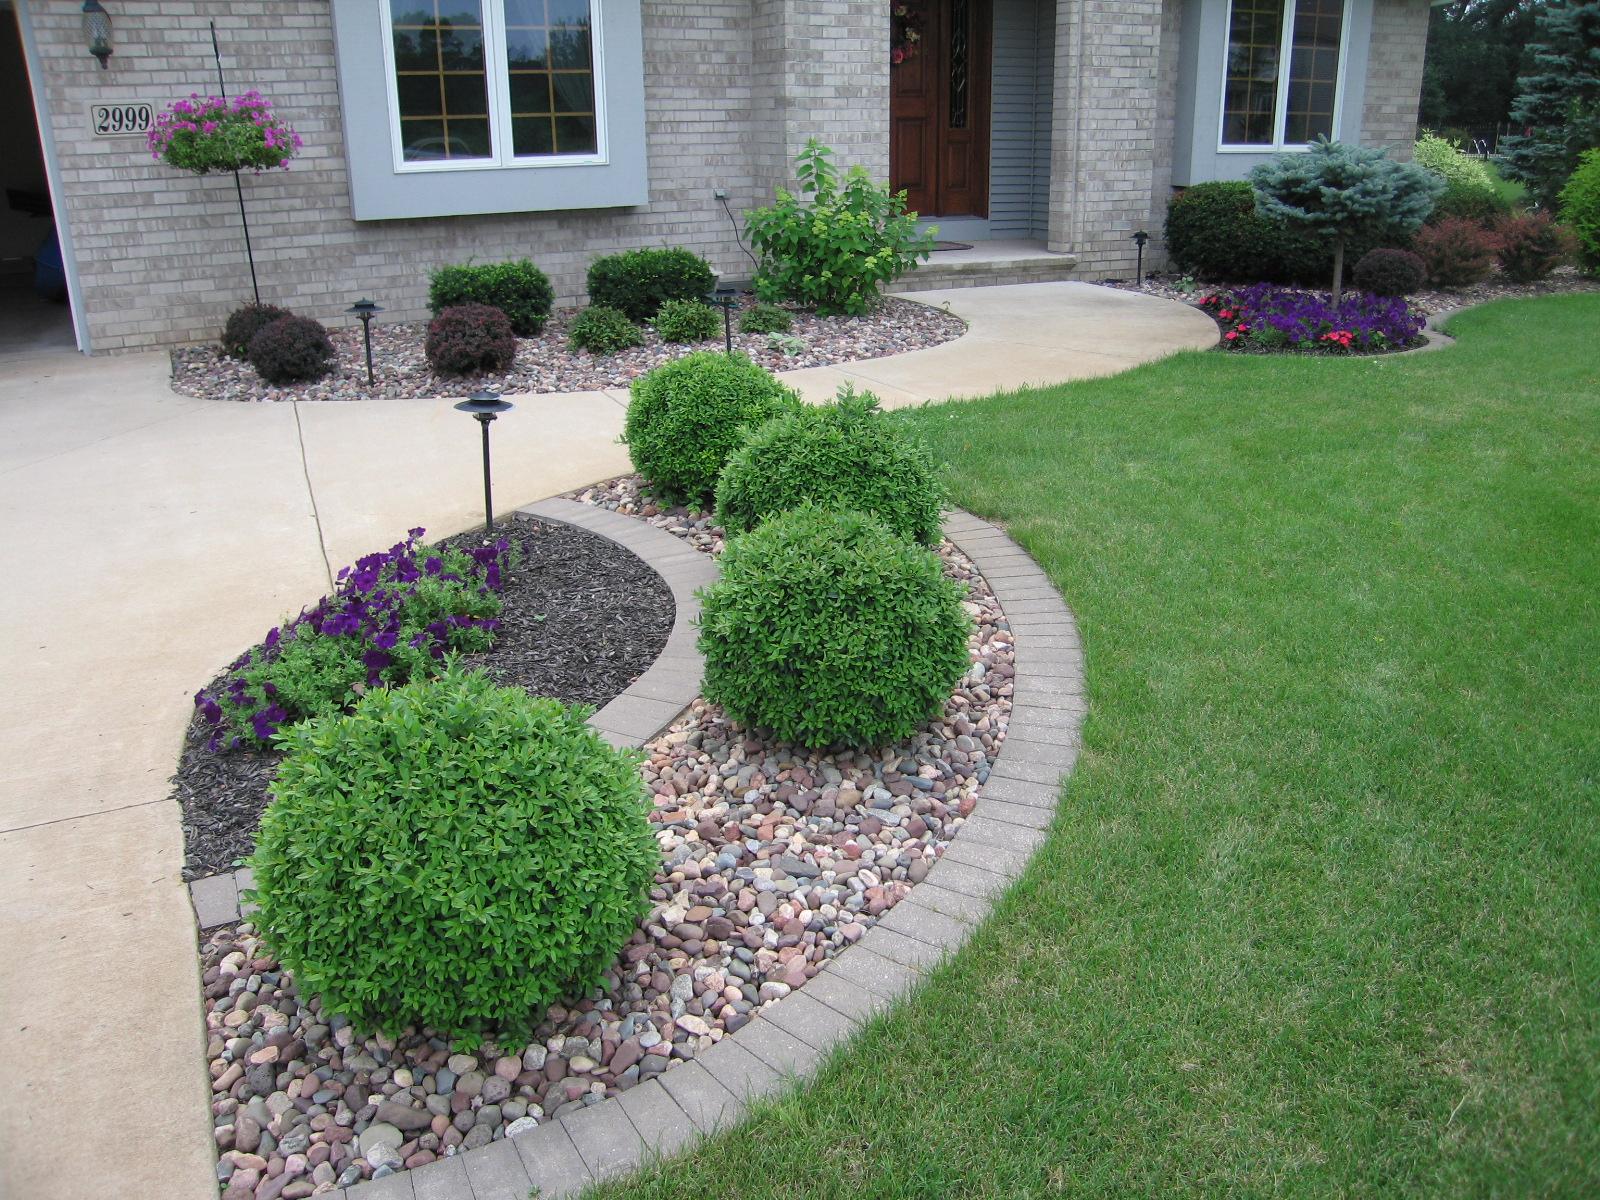 Gartengestaltung Ideen Mit Einfahrt Fein On Innerhalb Gestaltung Stehen 5